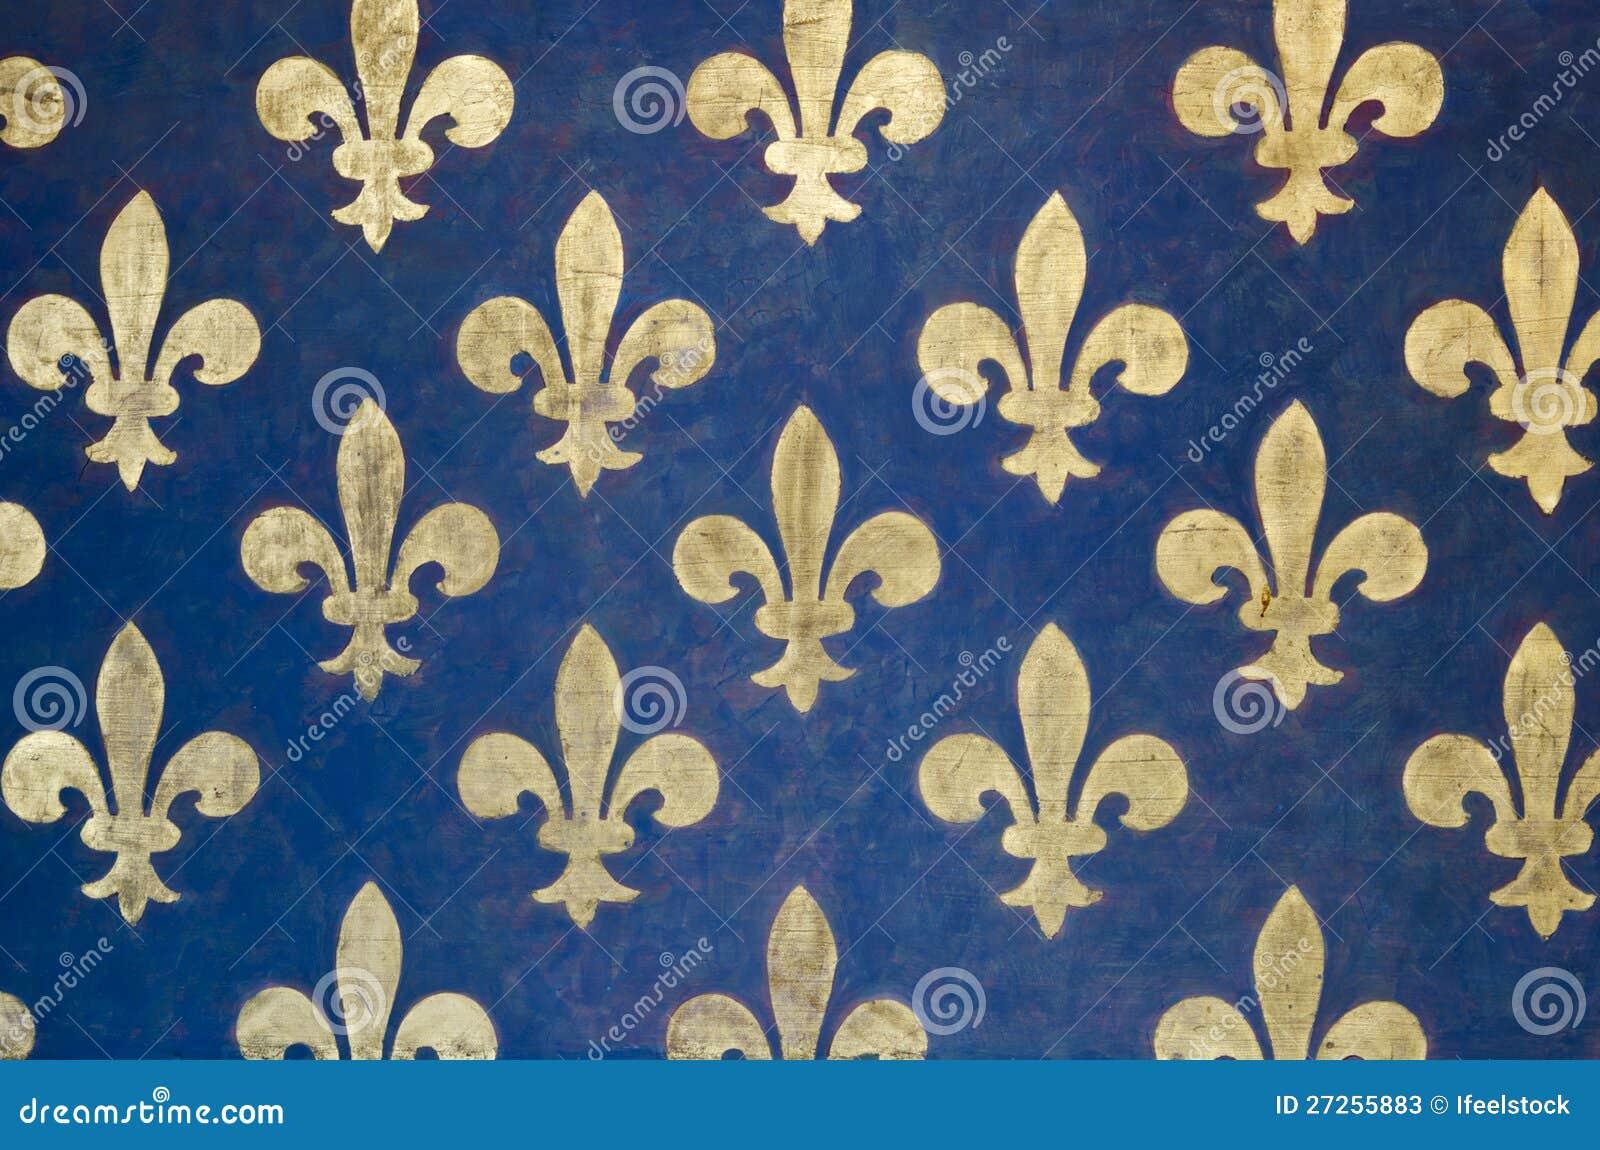 Tudor Style Wallpaper Fleur De Lis Tapete Stockfotos Bild 27255883